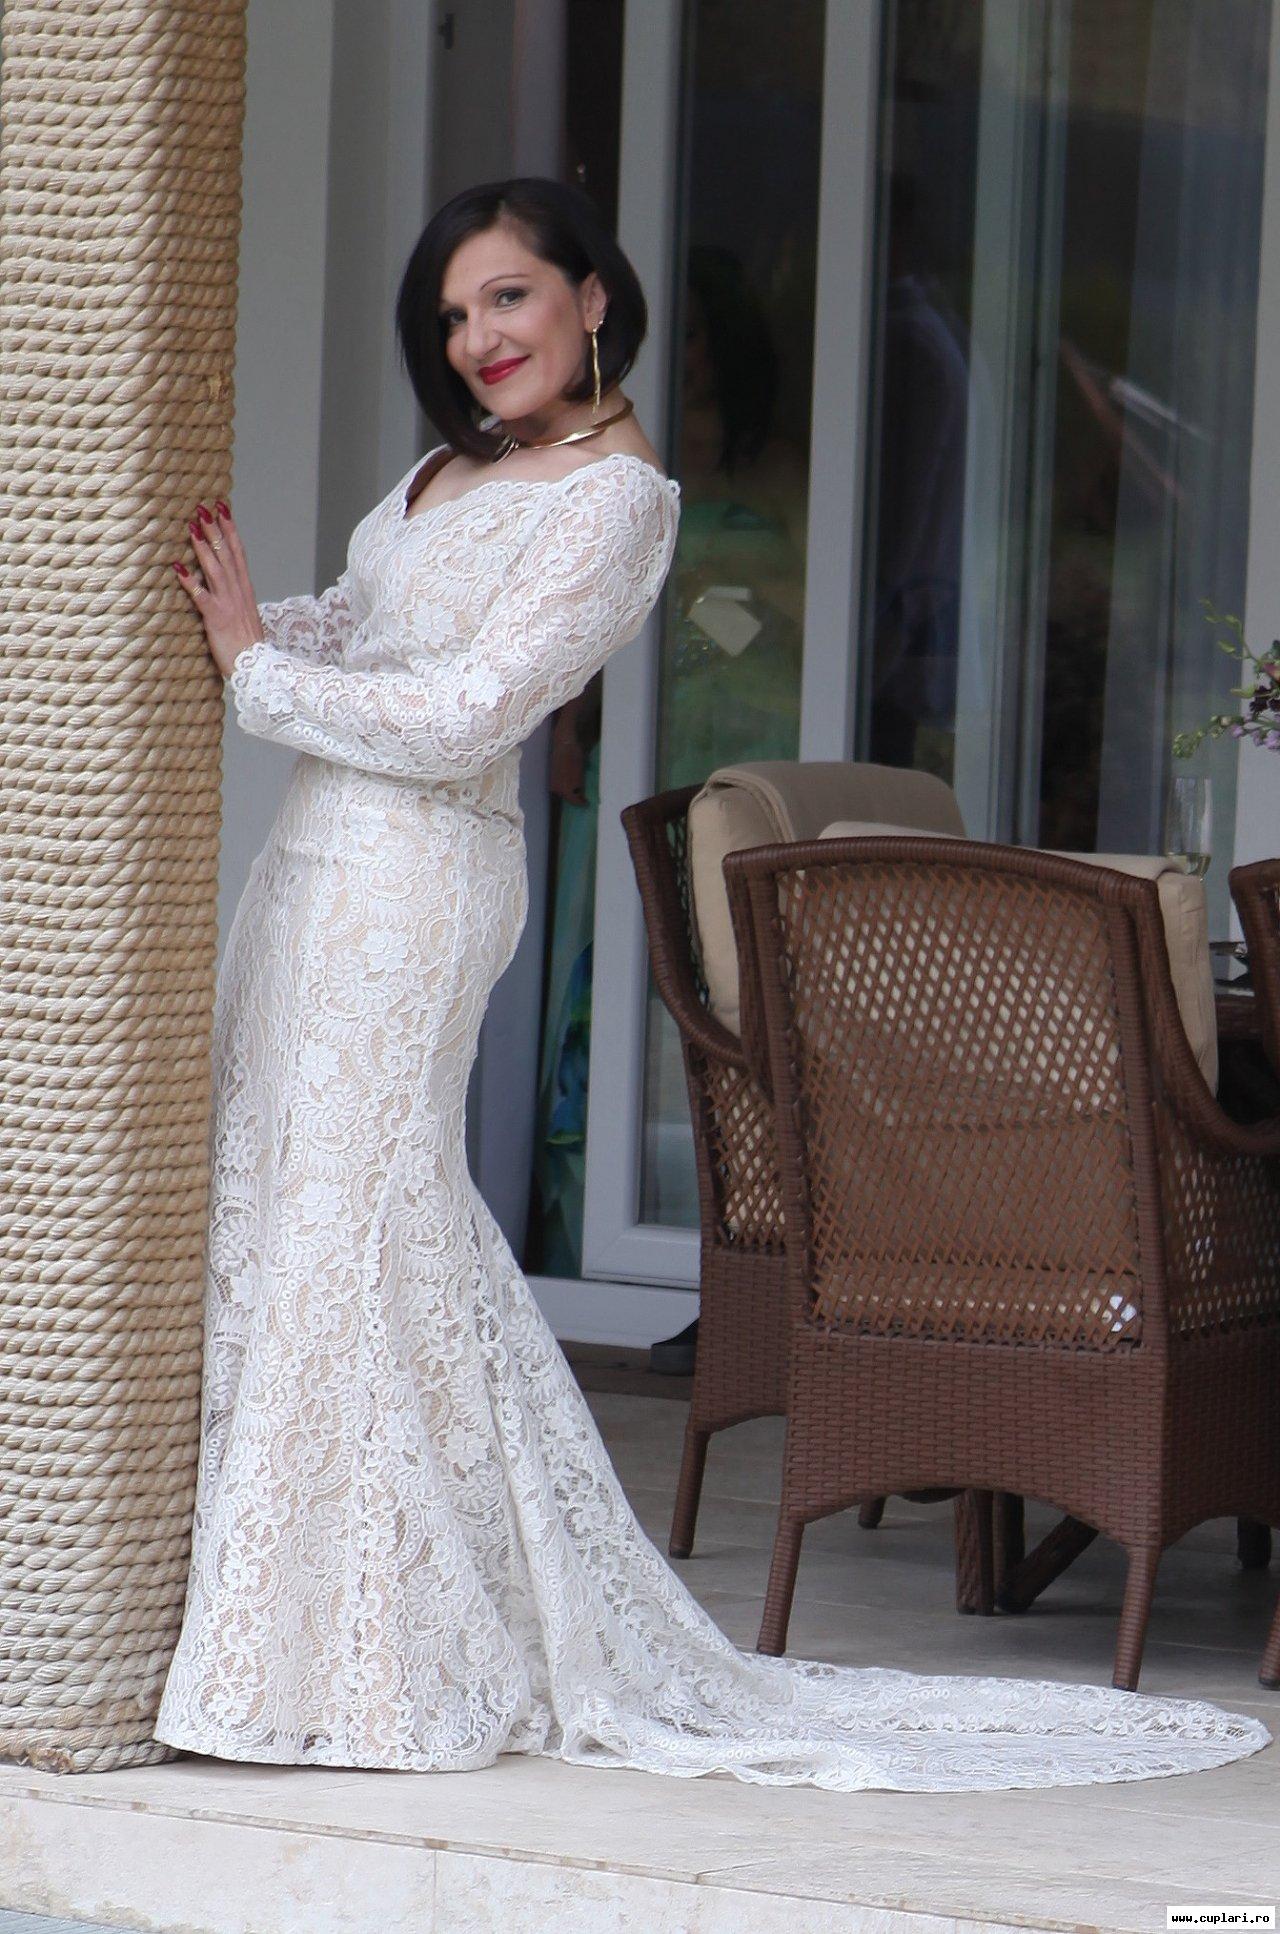 Matrimoniale cu Femei singure din Sibiu